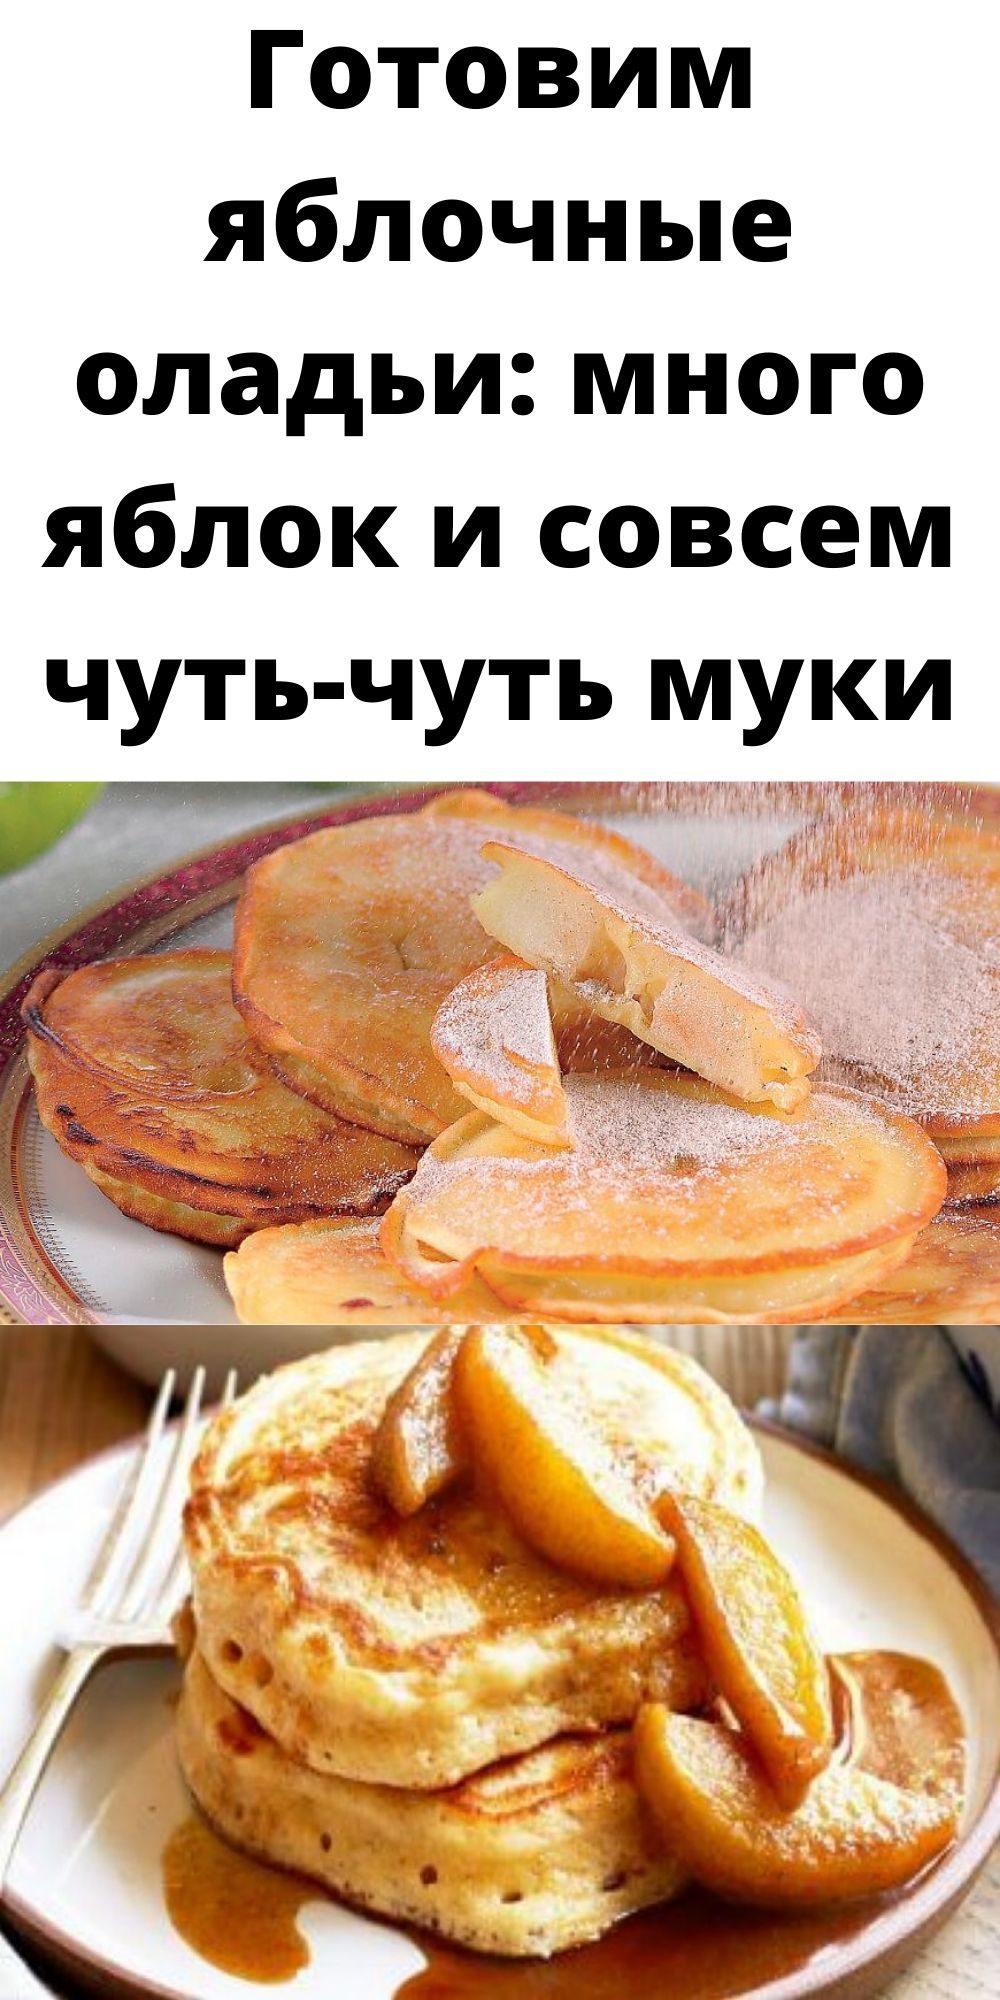 gotovim-yablochnye-oladi-mnogo-yablok-i-sovsem-chut-chut-muki-2